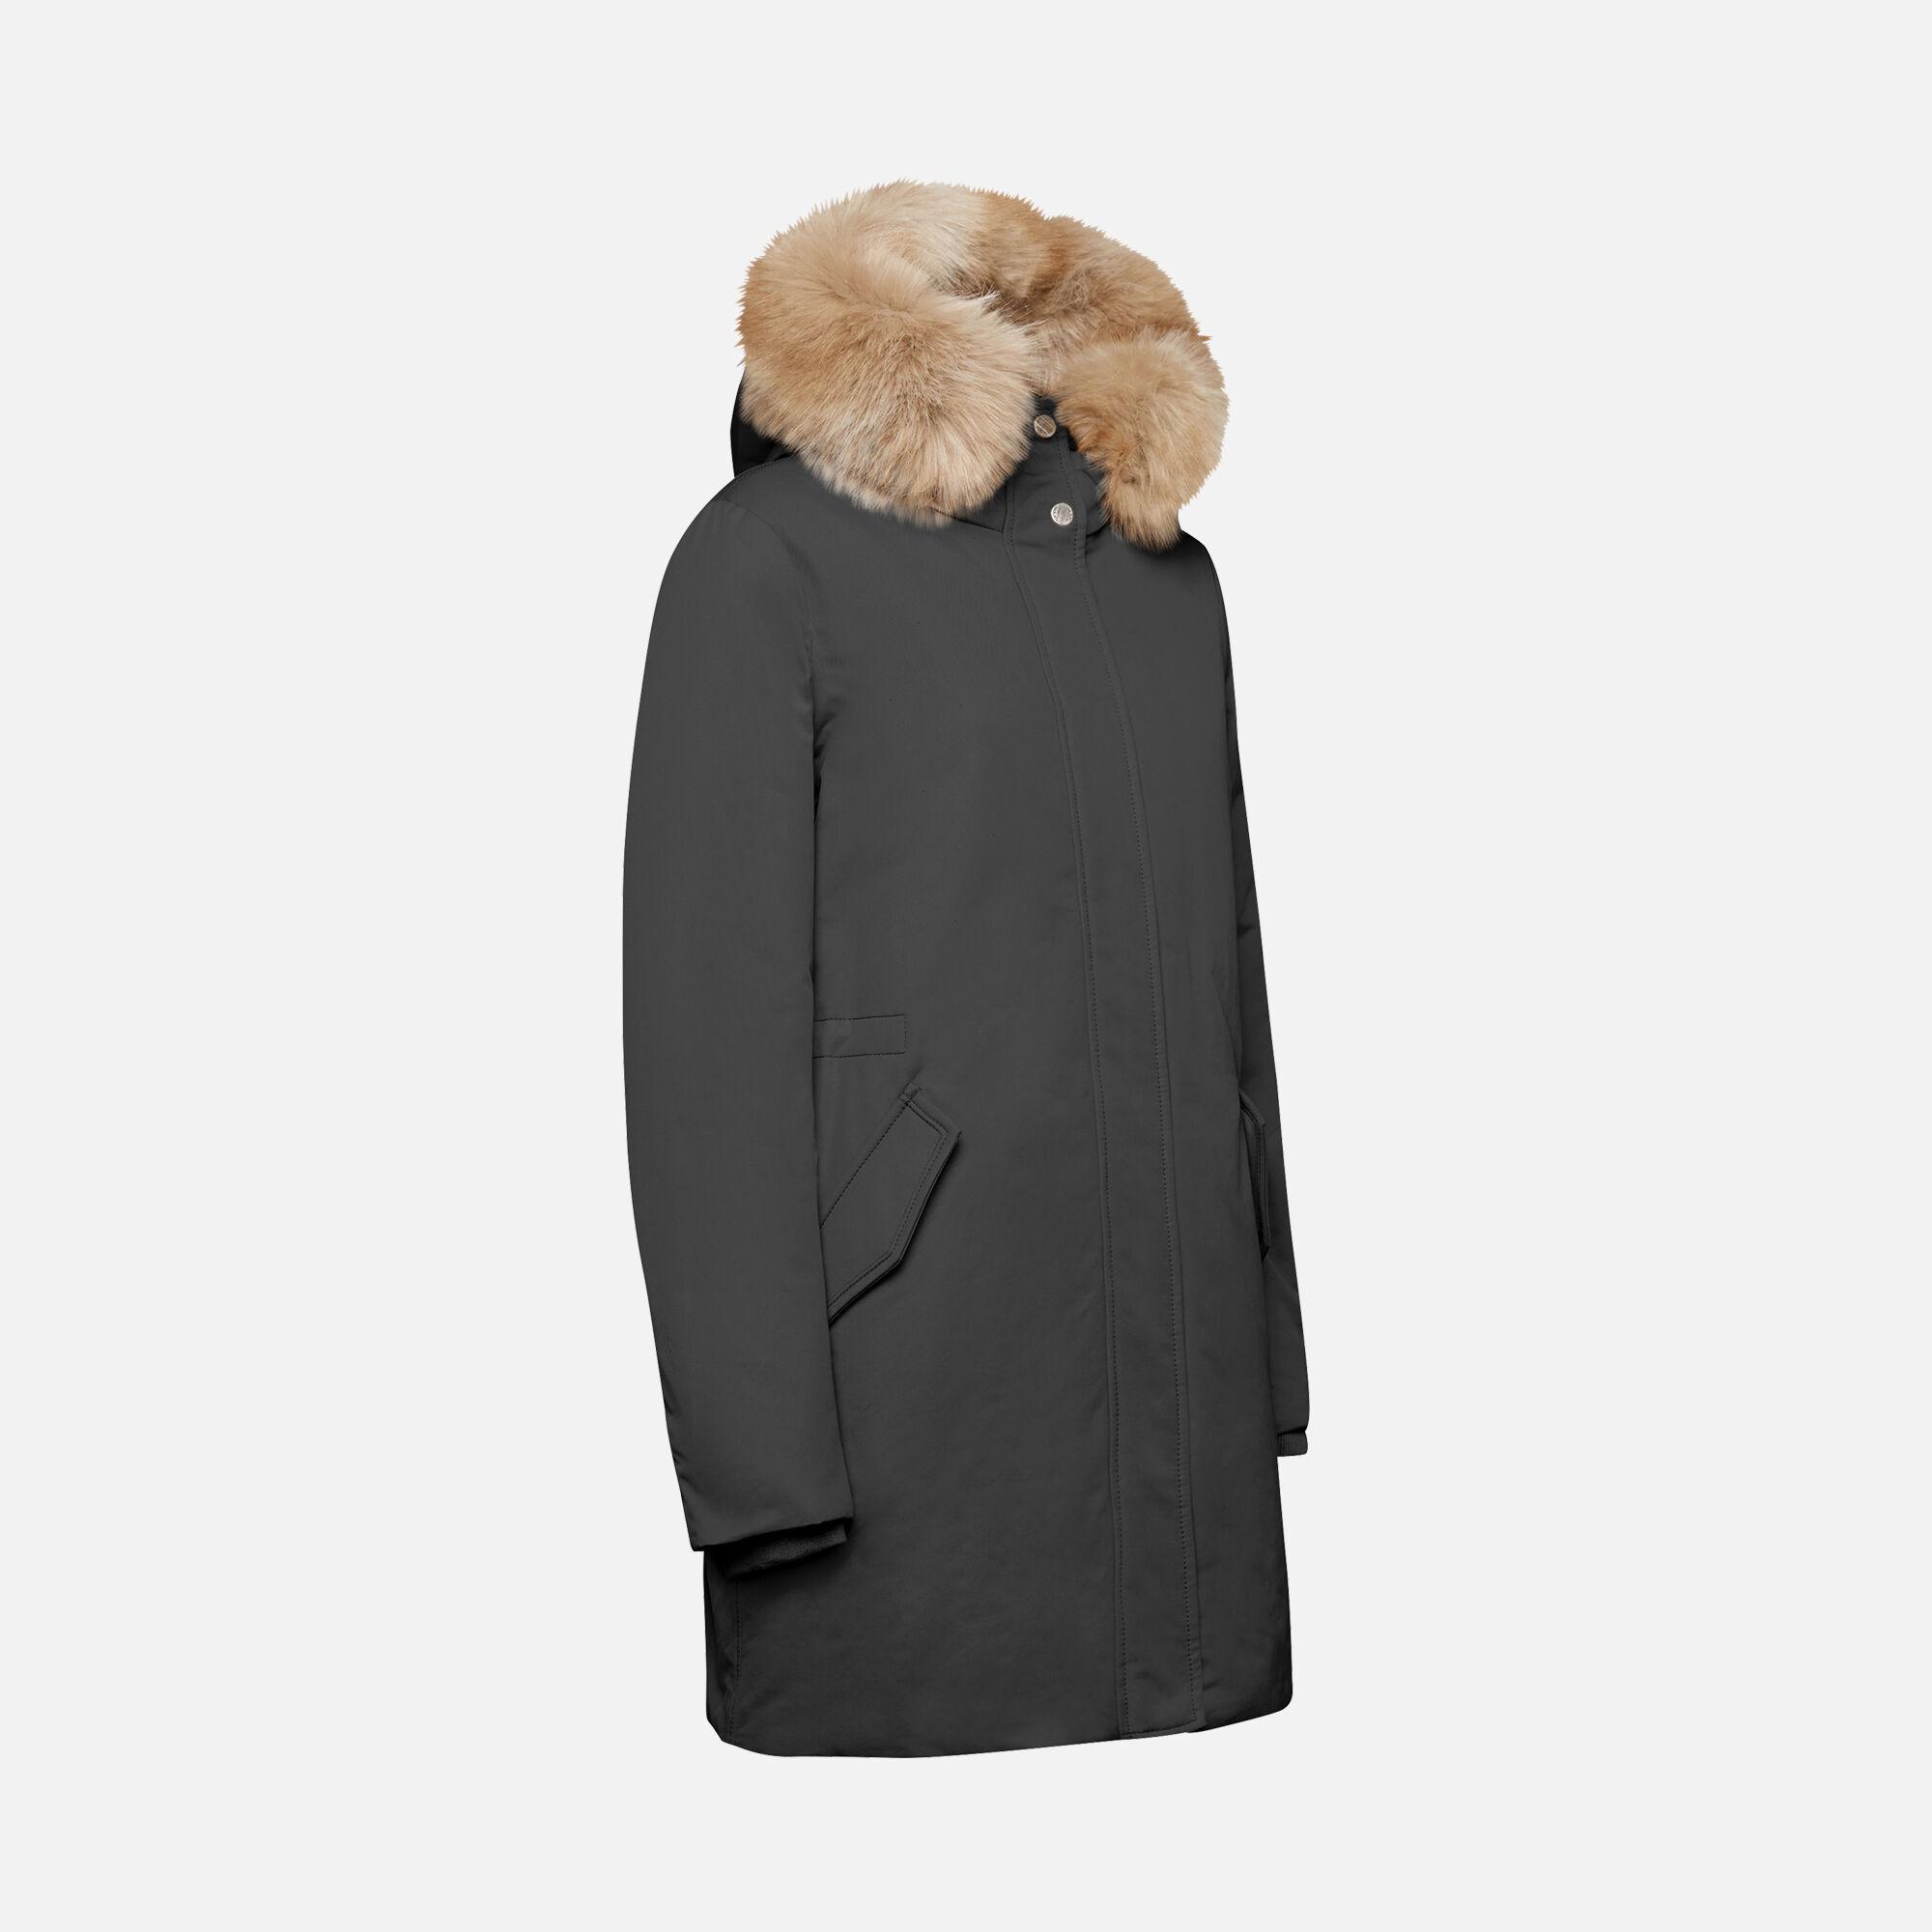 Geox CARUM Frau: schwarze Jacke   Geox HerbstWinter